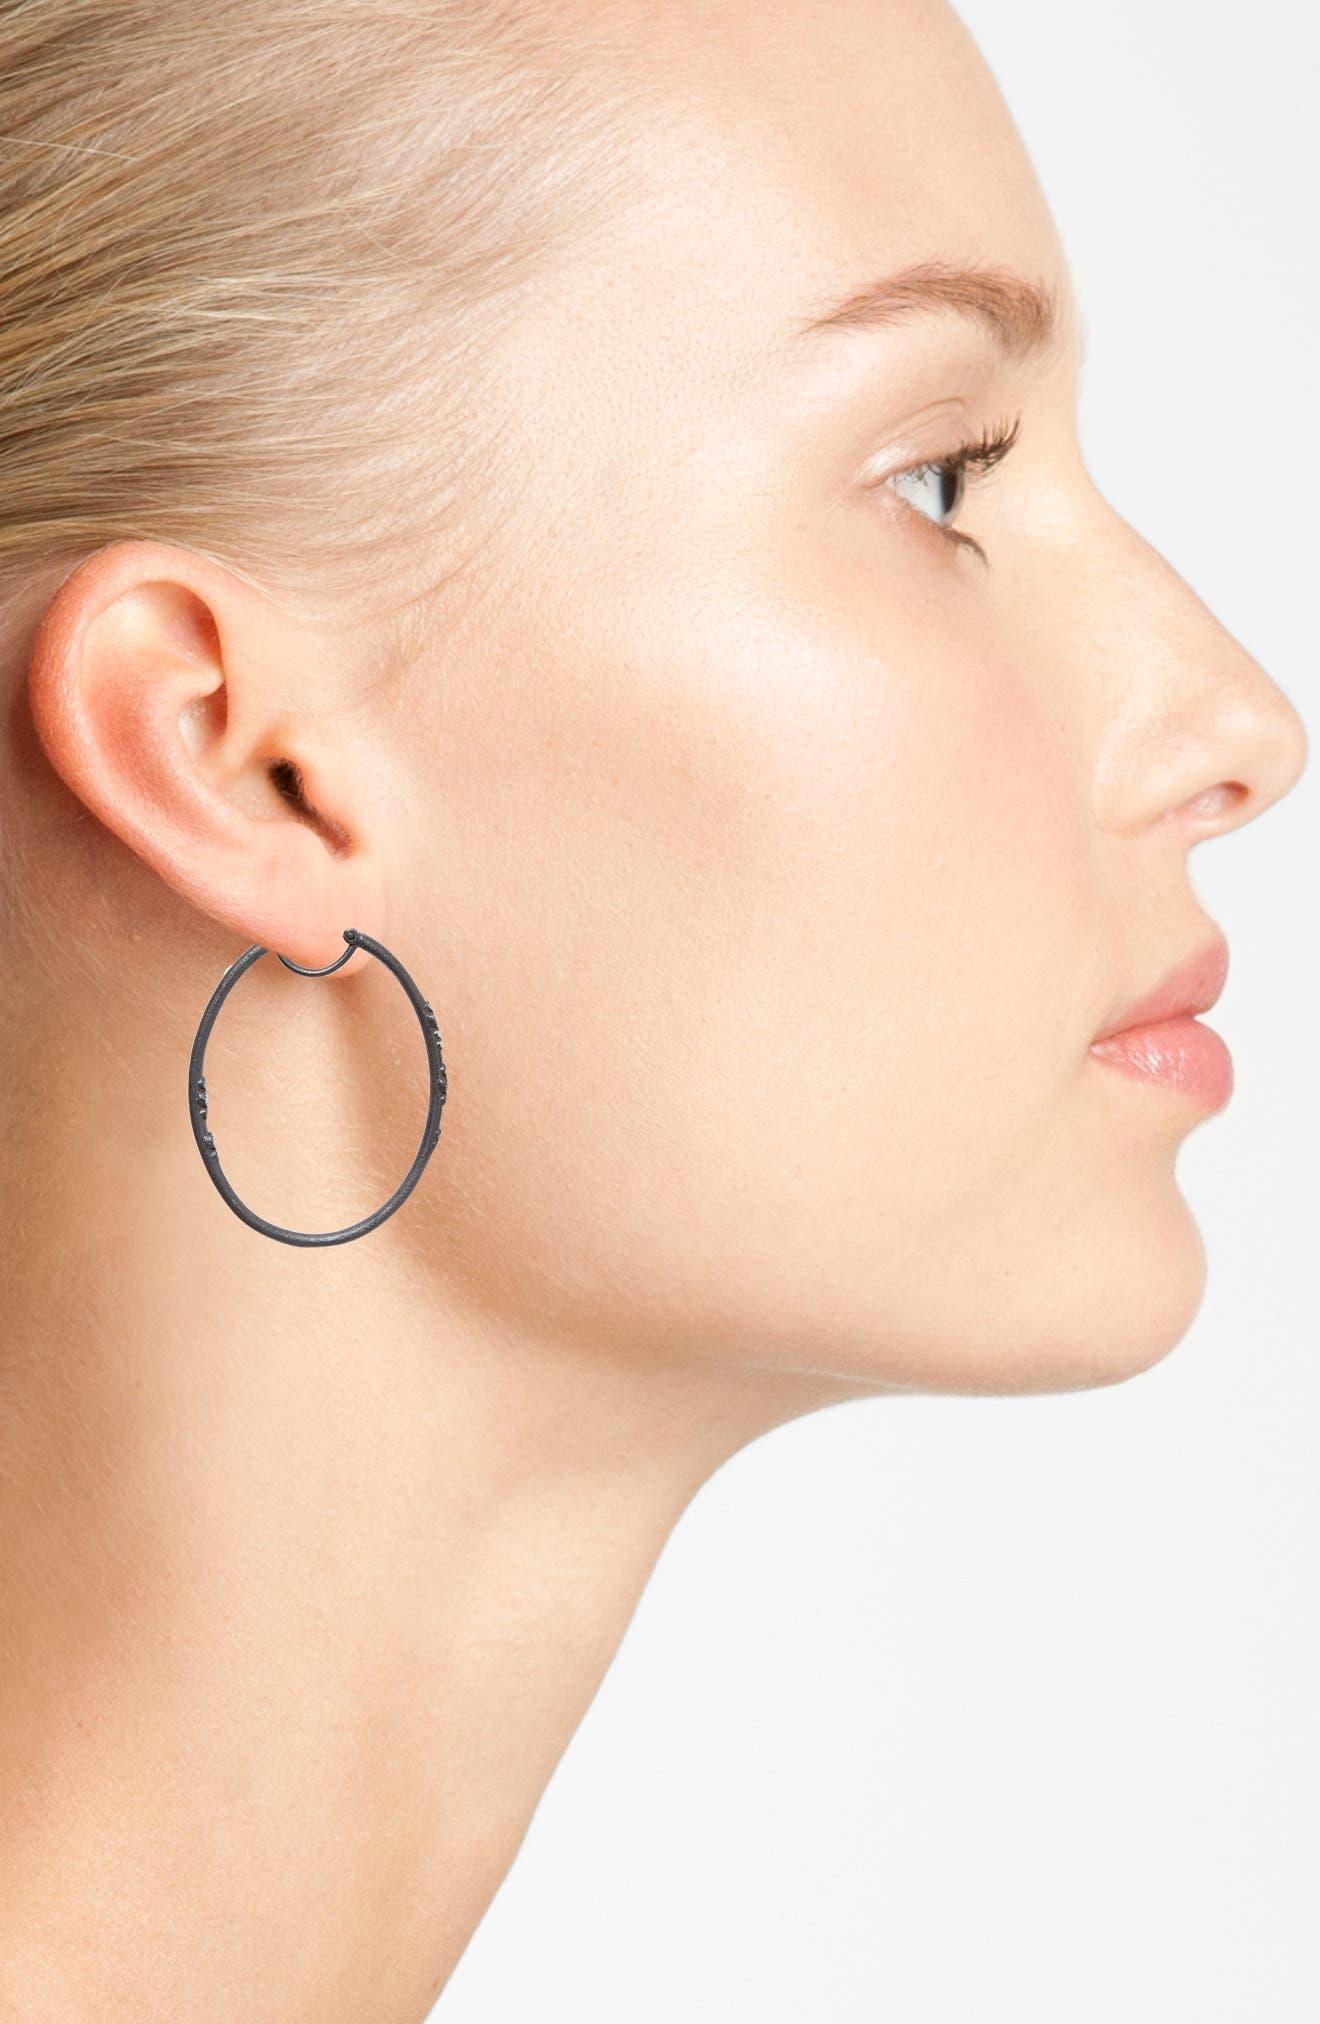 Old World Eternity Diamond Hoop Earrings,                             Alternate thumbnail 2, color,                             GOLD